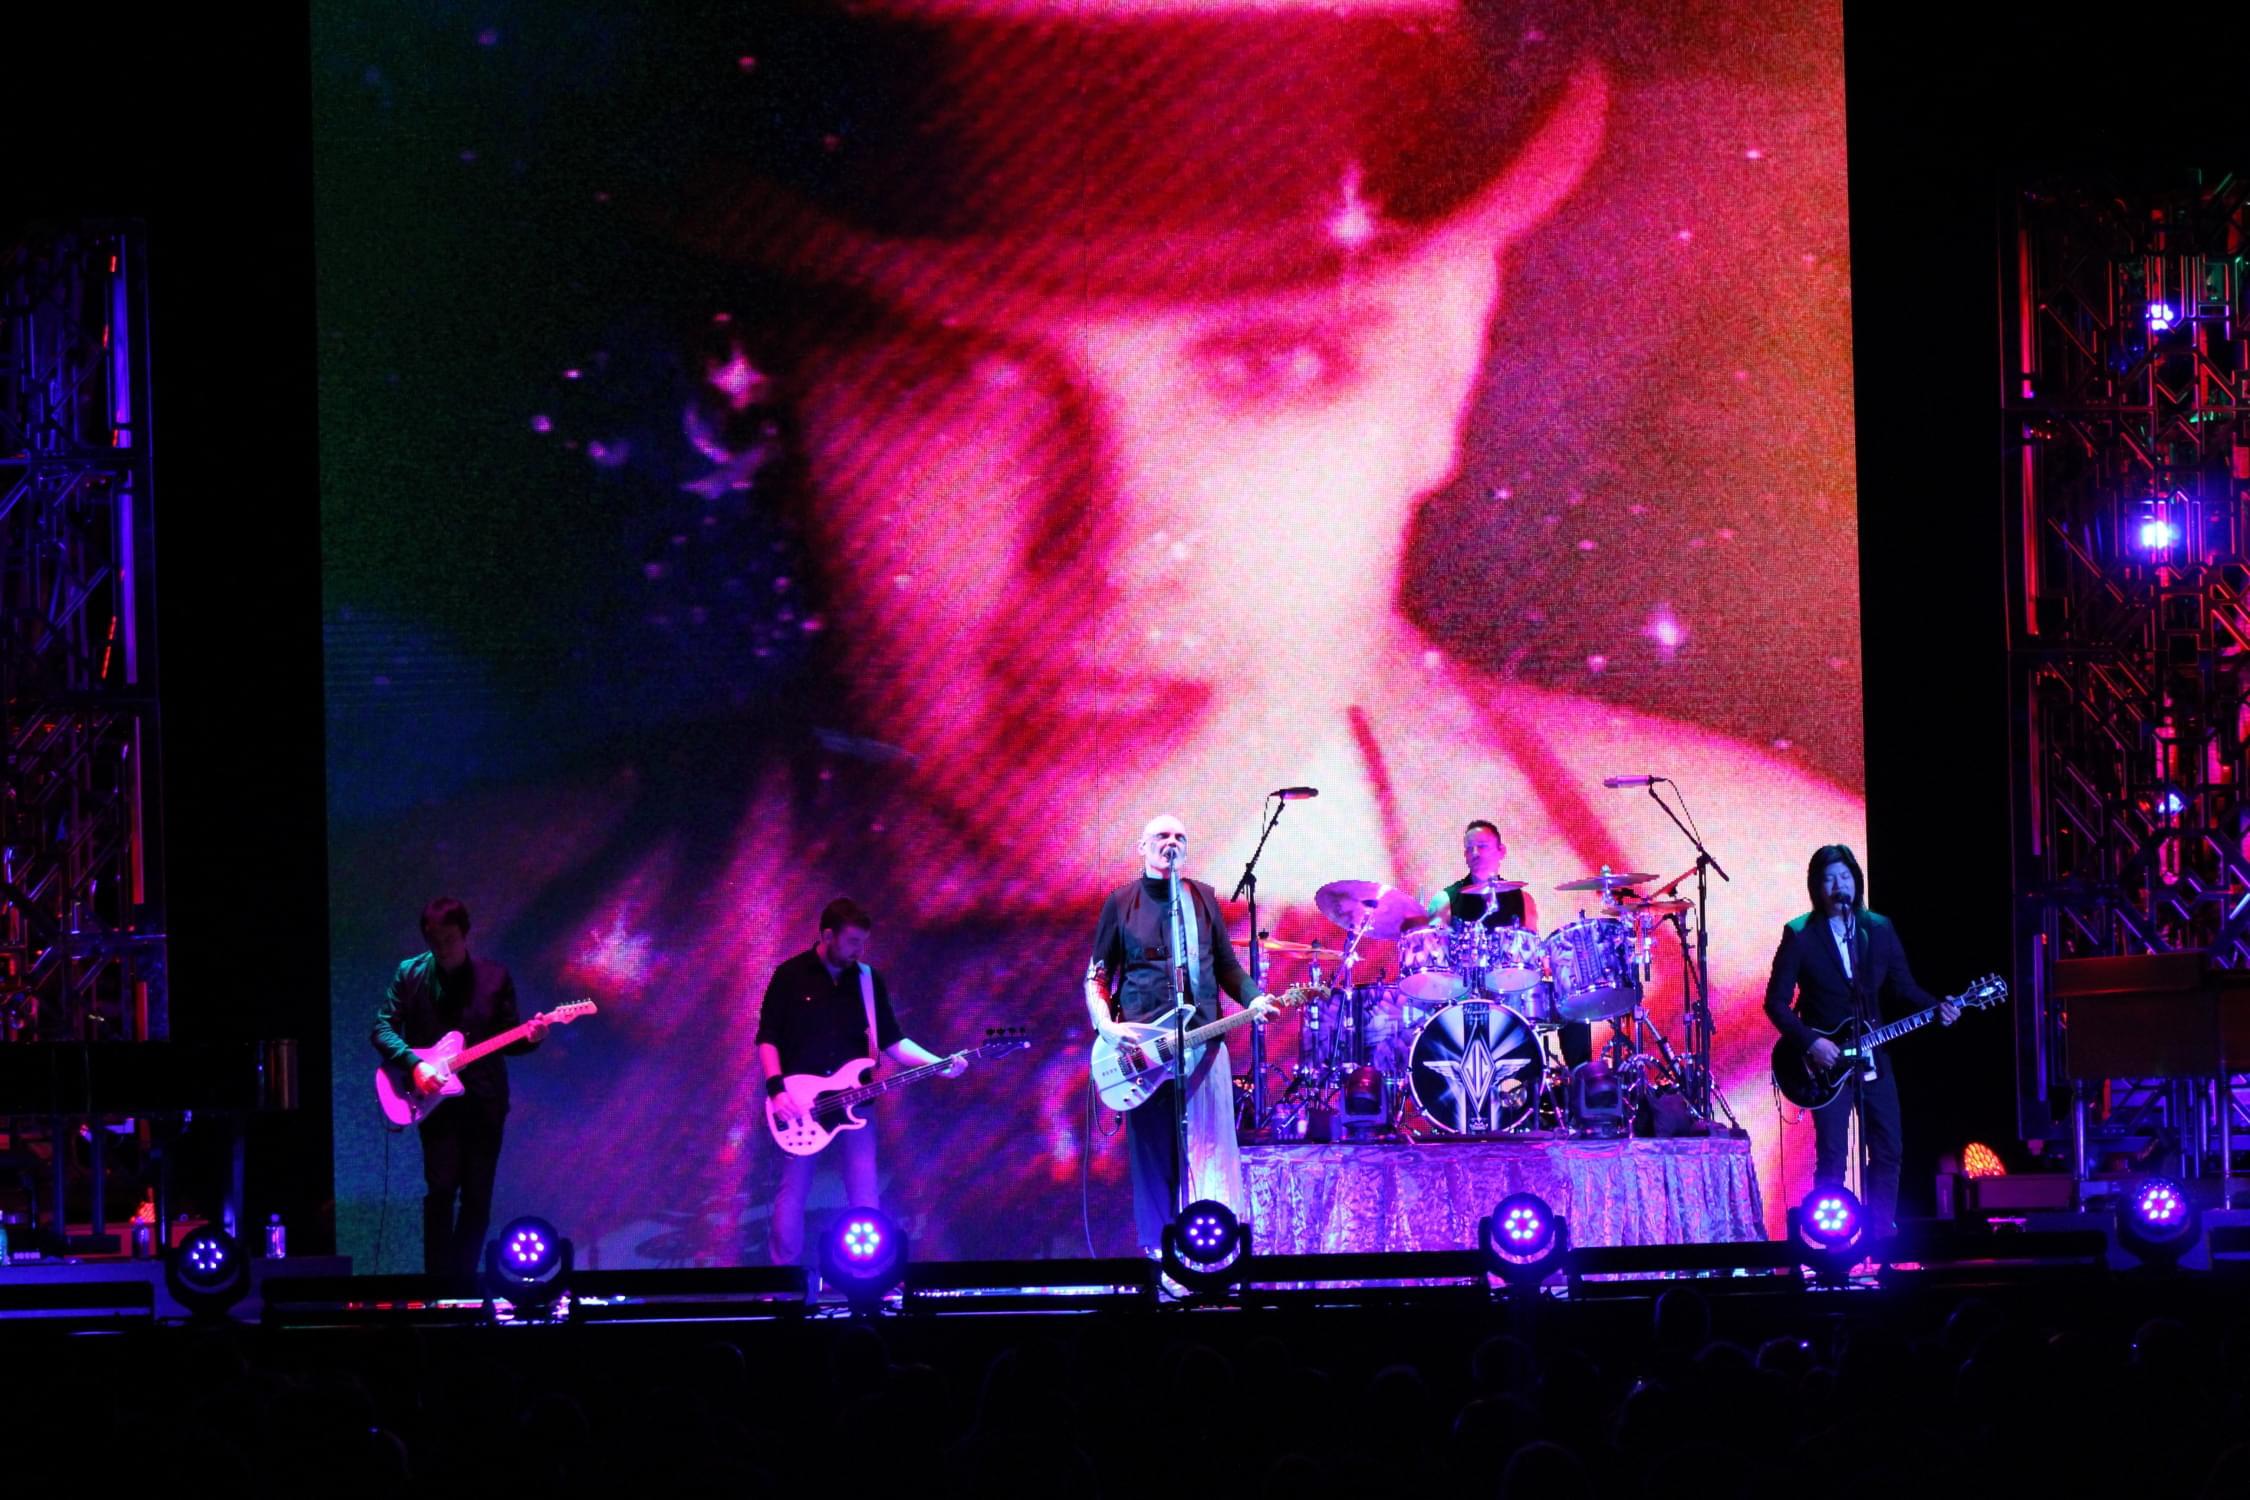 Smashing Pumpkins at Mohegan Sun Arena 07/29/18 – Concert Photos by Drew Carrano